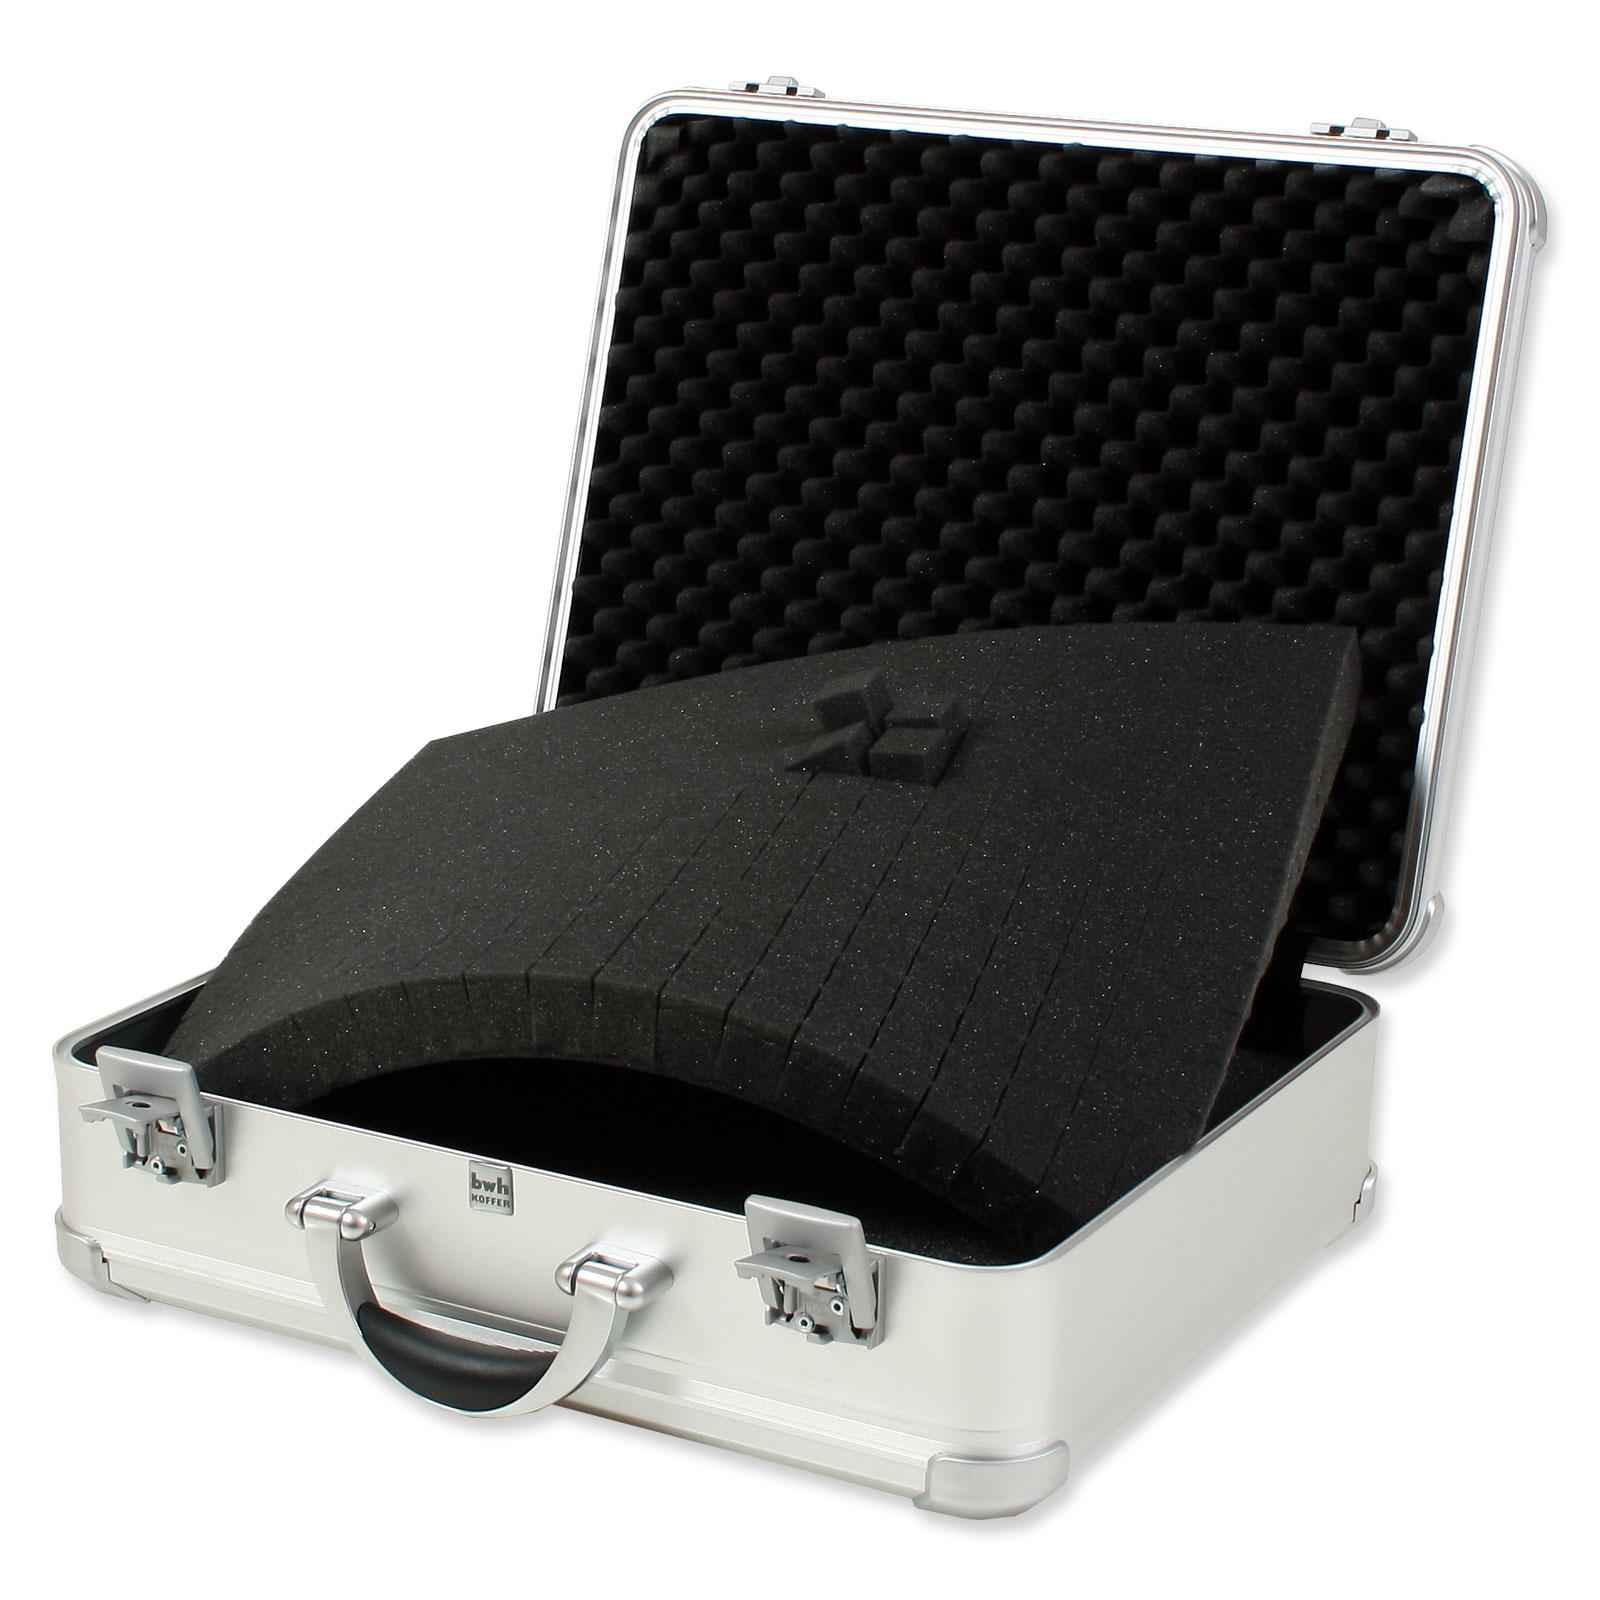 bwh koffer schaumstoffeinsatz f r vollaluminium designkoffer vdk g nstig kaufen koffermarkt. Black Bedroom Furniture Sets. Home Design Ideas